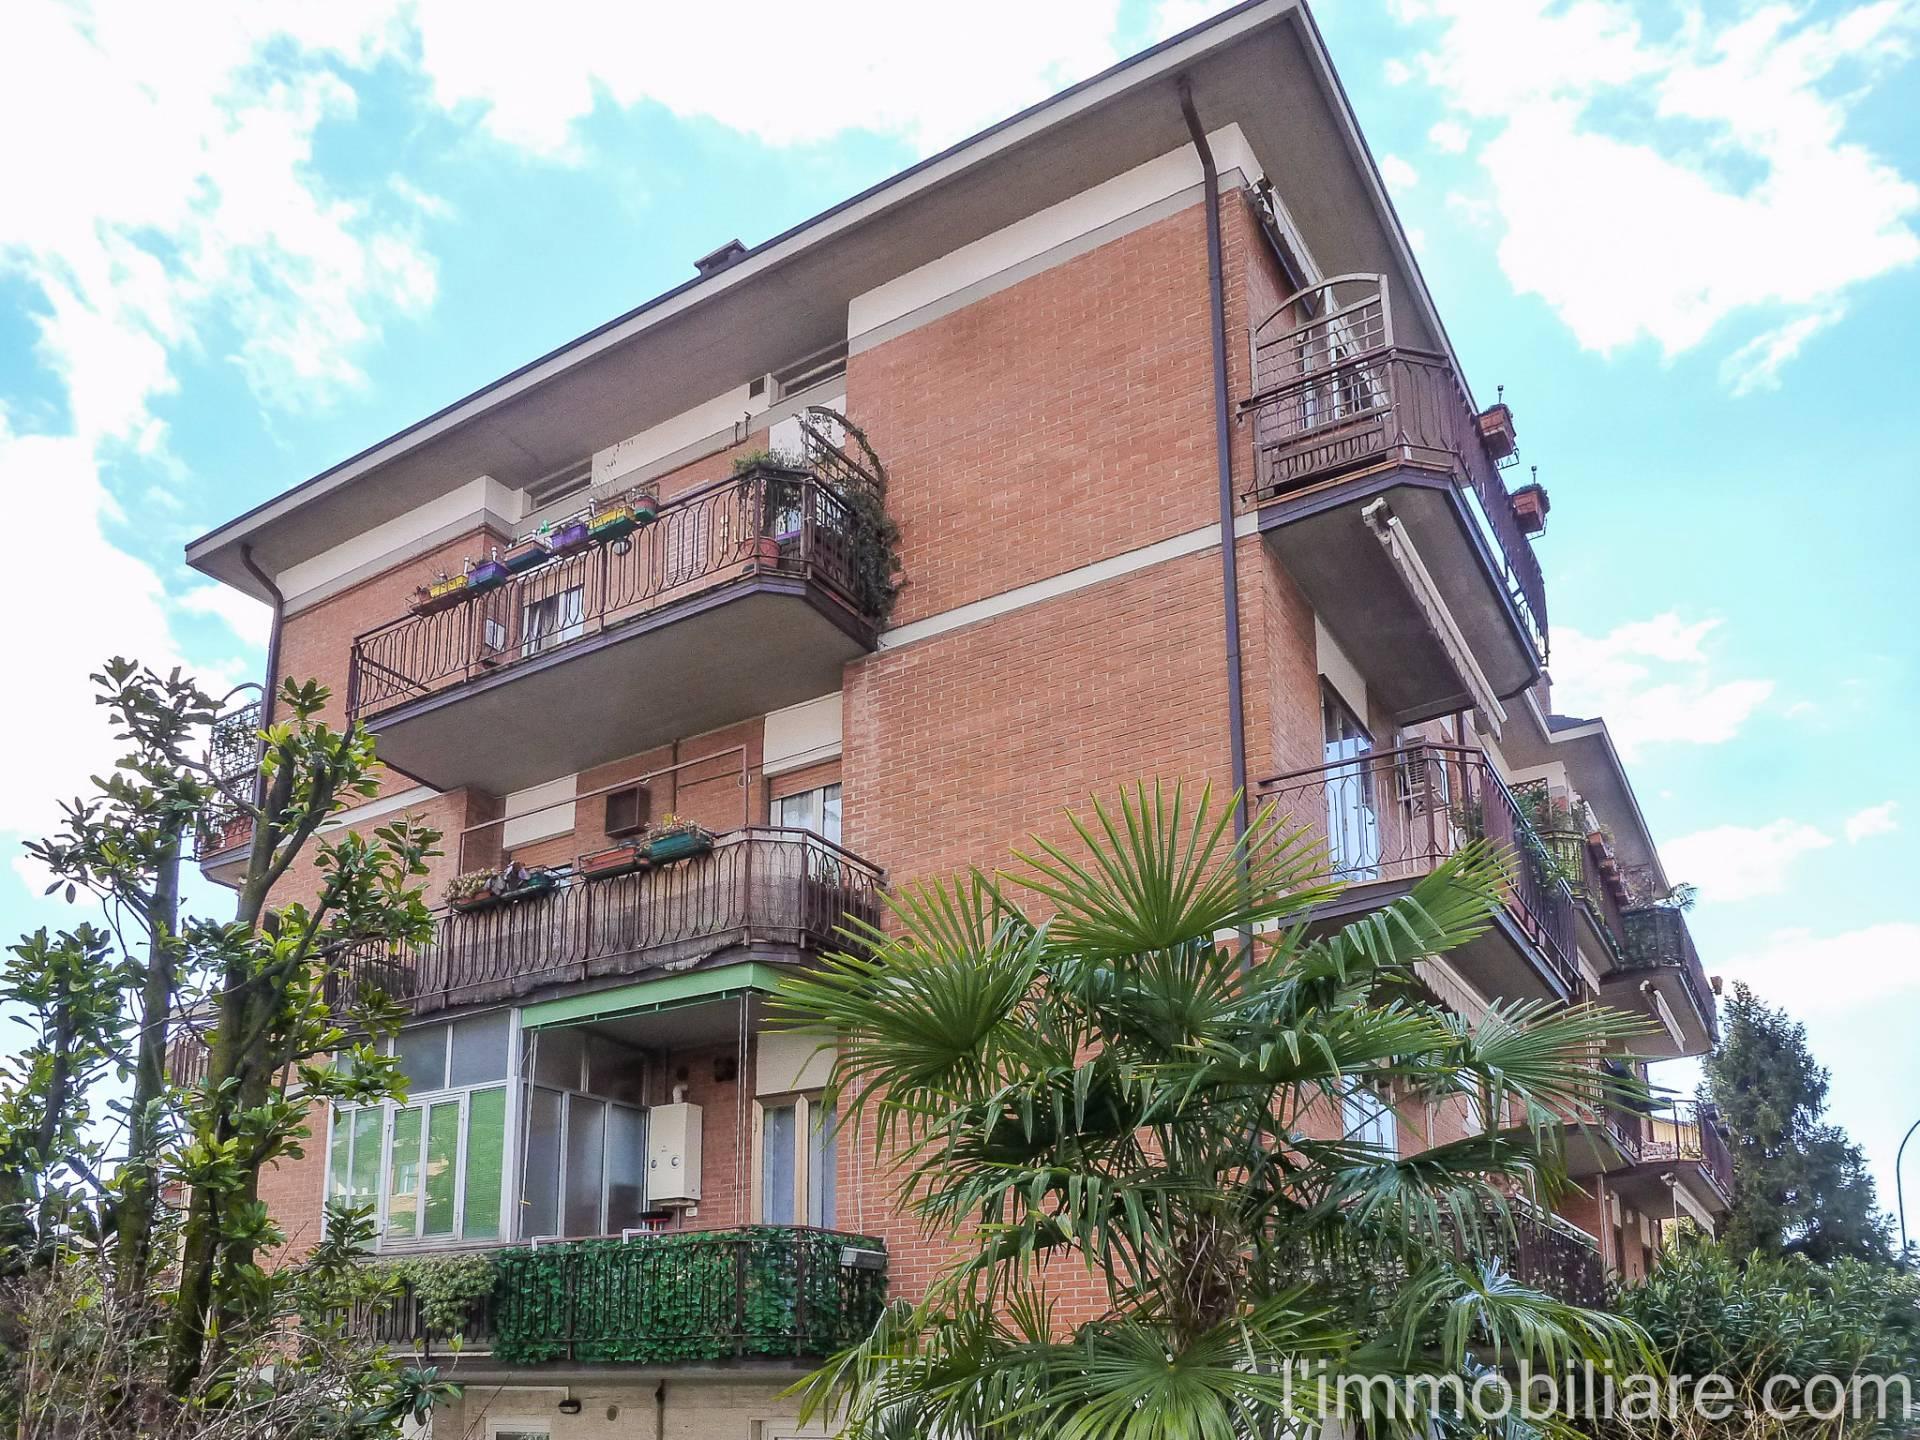 Appartamento in affitto a Verona, 5 locali, zona Zona: 5 . Quinzano - Pindemonte - Ponte Crencano - Valdonega - Avesa , prezzo € 750   CambioCasa.it